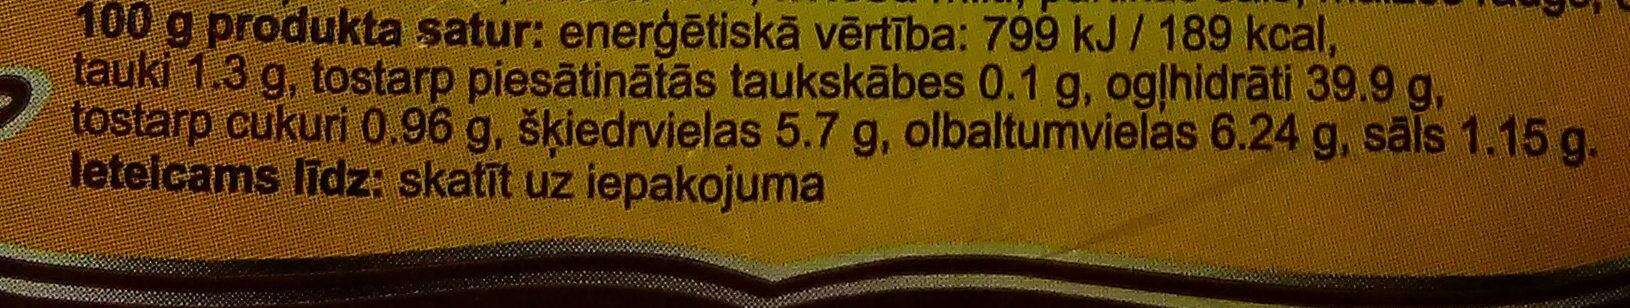 Formas rupjmaize Darņica Kurzemnieku, griezta - Valori nutrizionali - lv